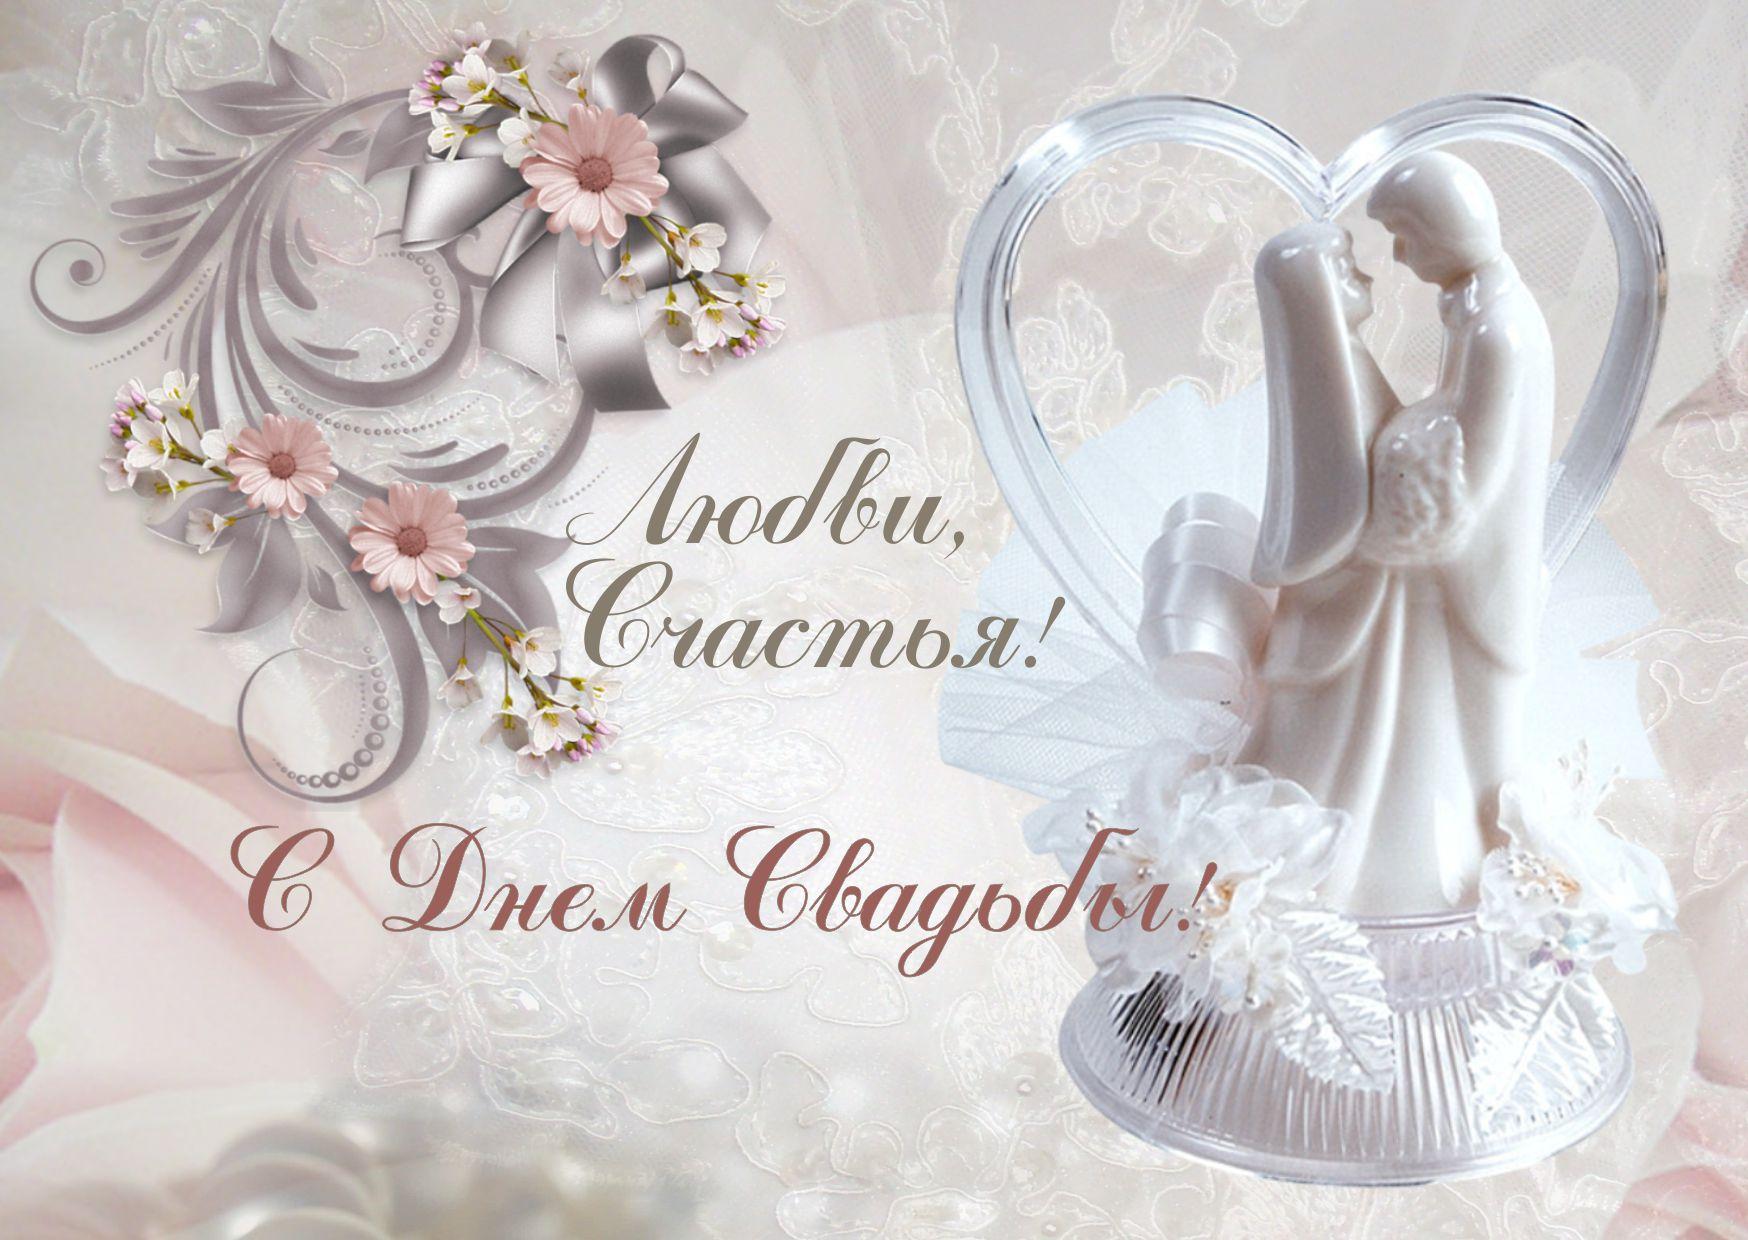 гораздо поздравление с днем свадьбы екатерины и дмитрия боевыми